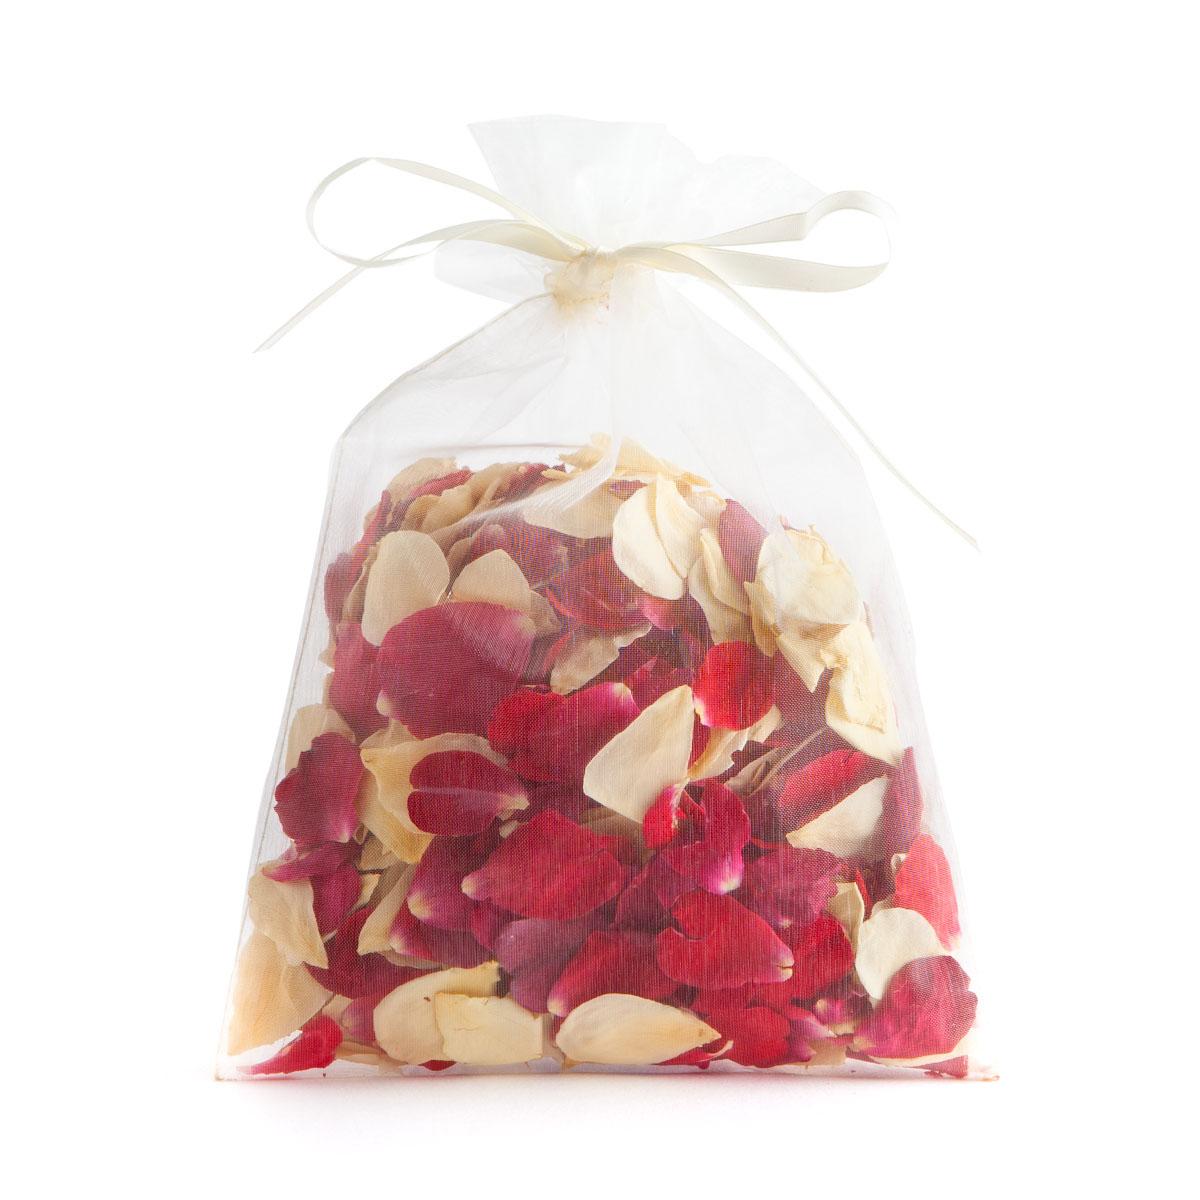 Red & Cream Rose Petals - 10 Handful Bag - Biodegradable Rose Petal Confetti - Real Flower Petal Confetti